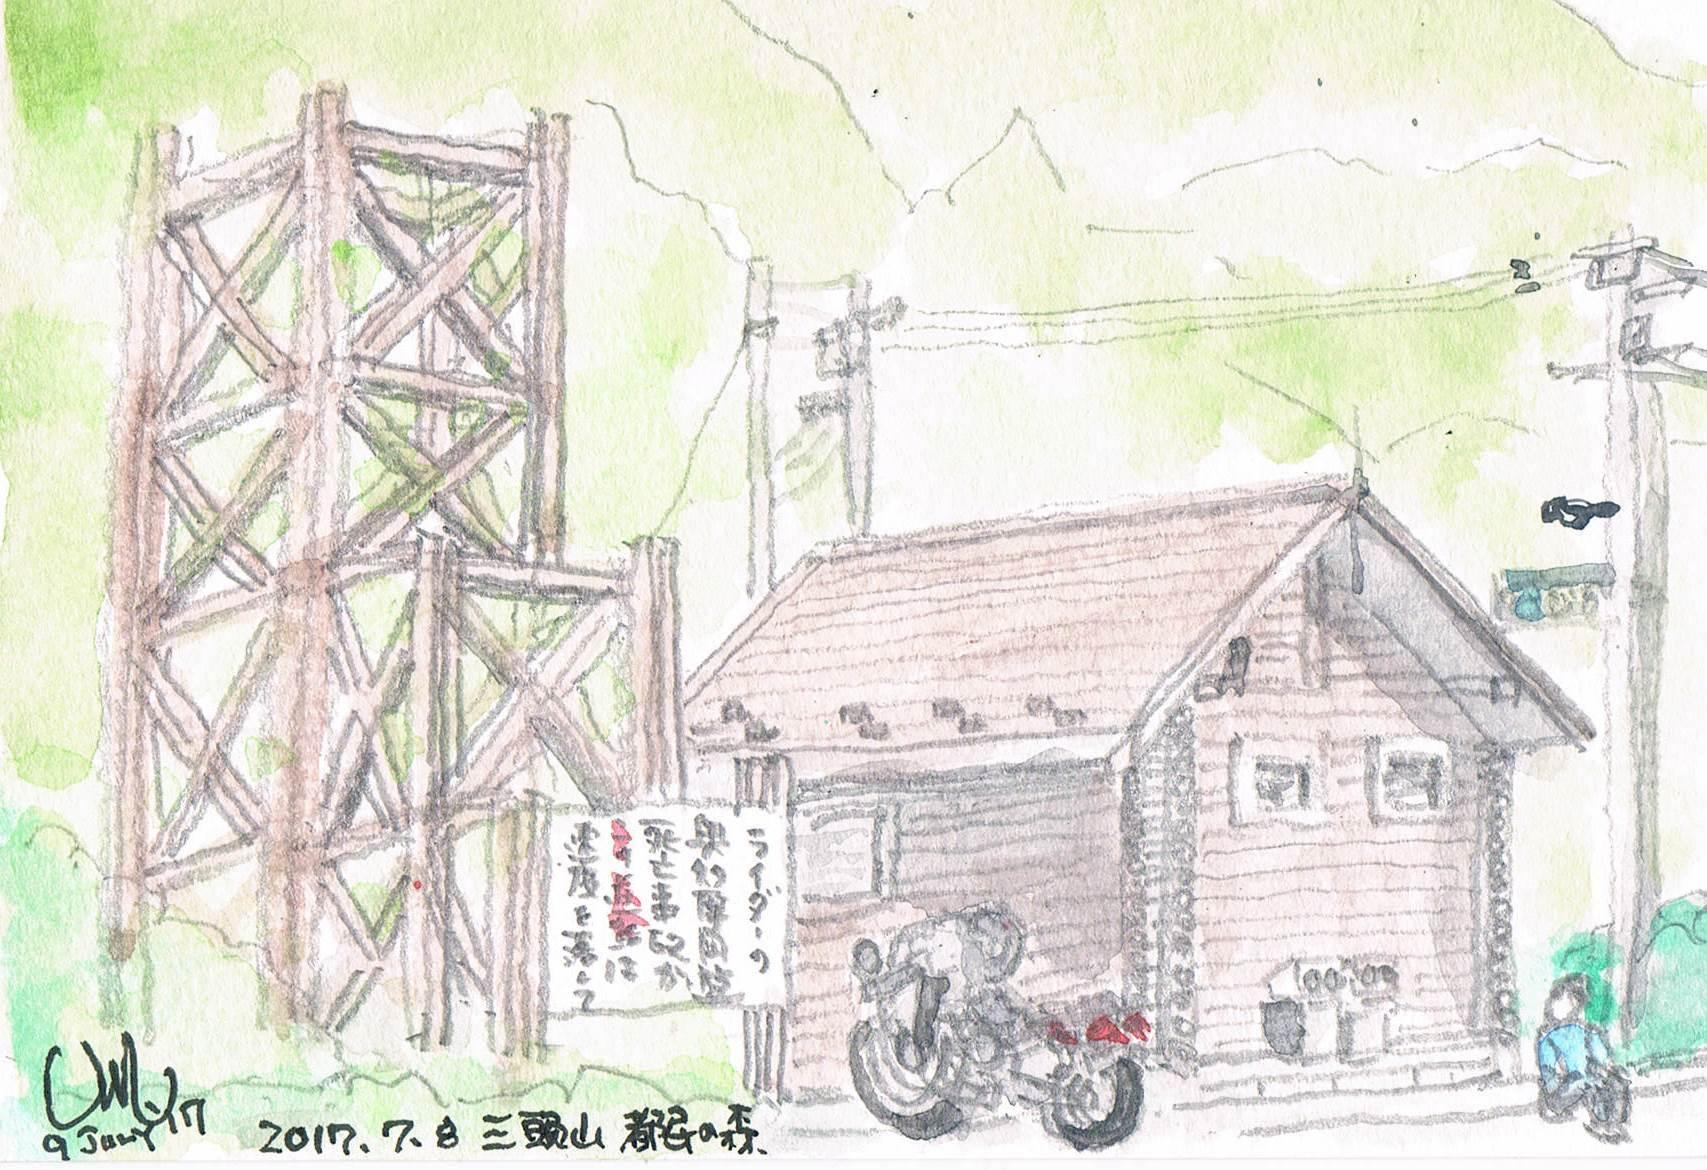 三頭山・都民の森を描く_e0232277_10273624.jpg